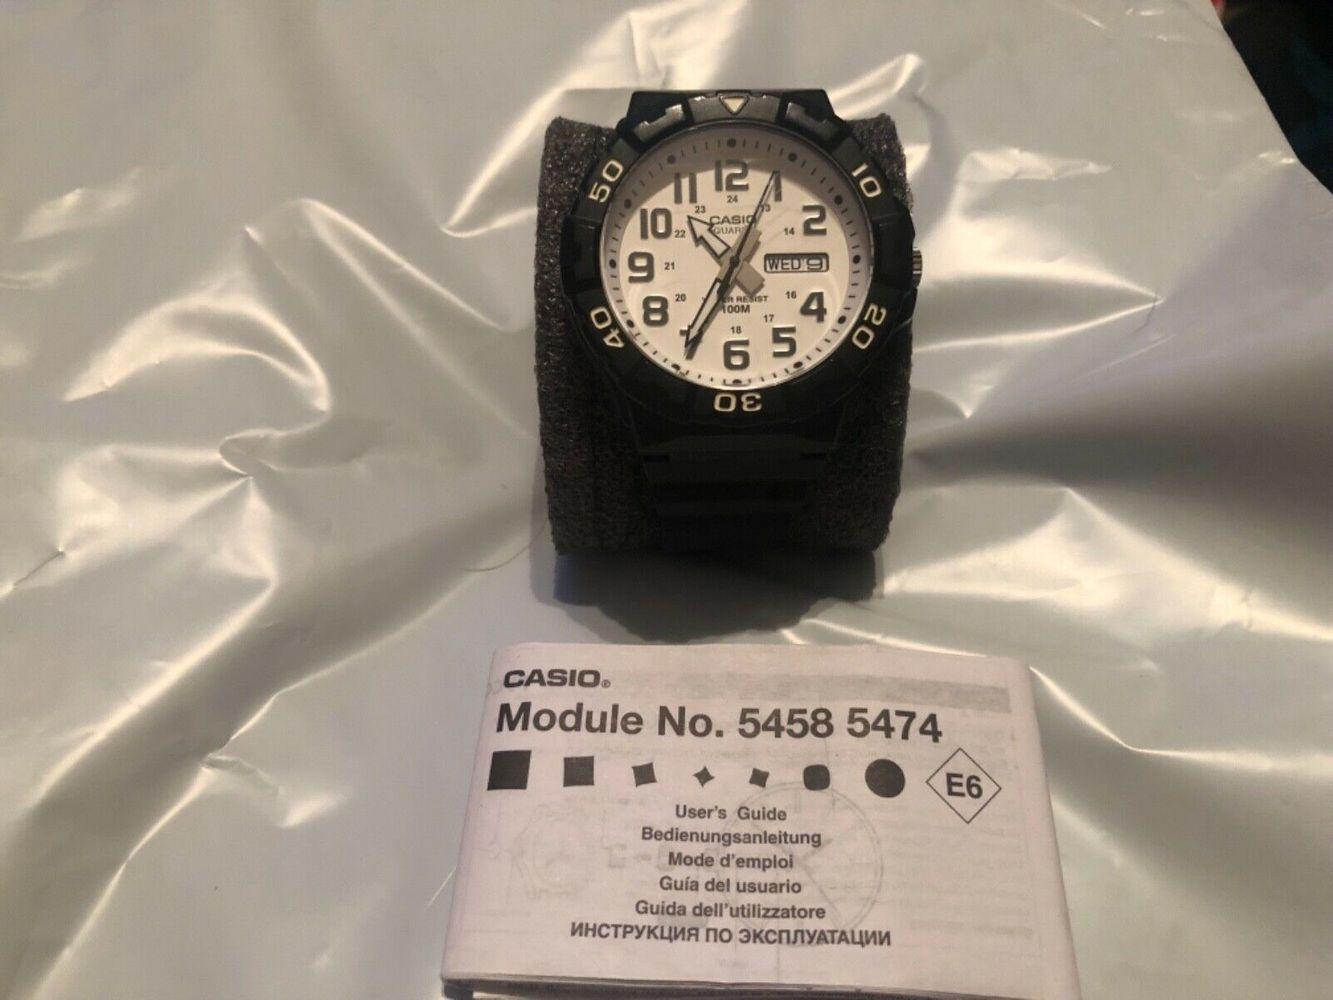 Casio Men's Black Sports Watch. 5474. MRW-210H. Watch Works/Functioning Smooth   WatchCharts